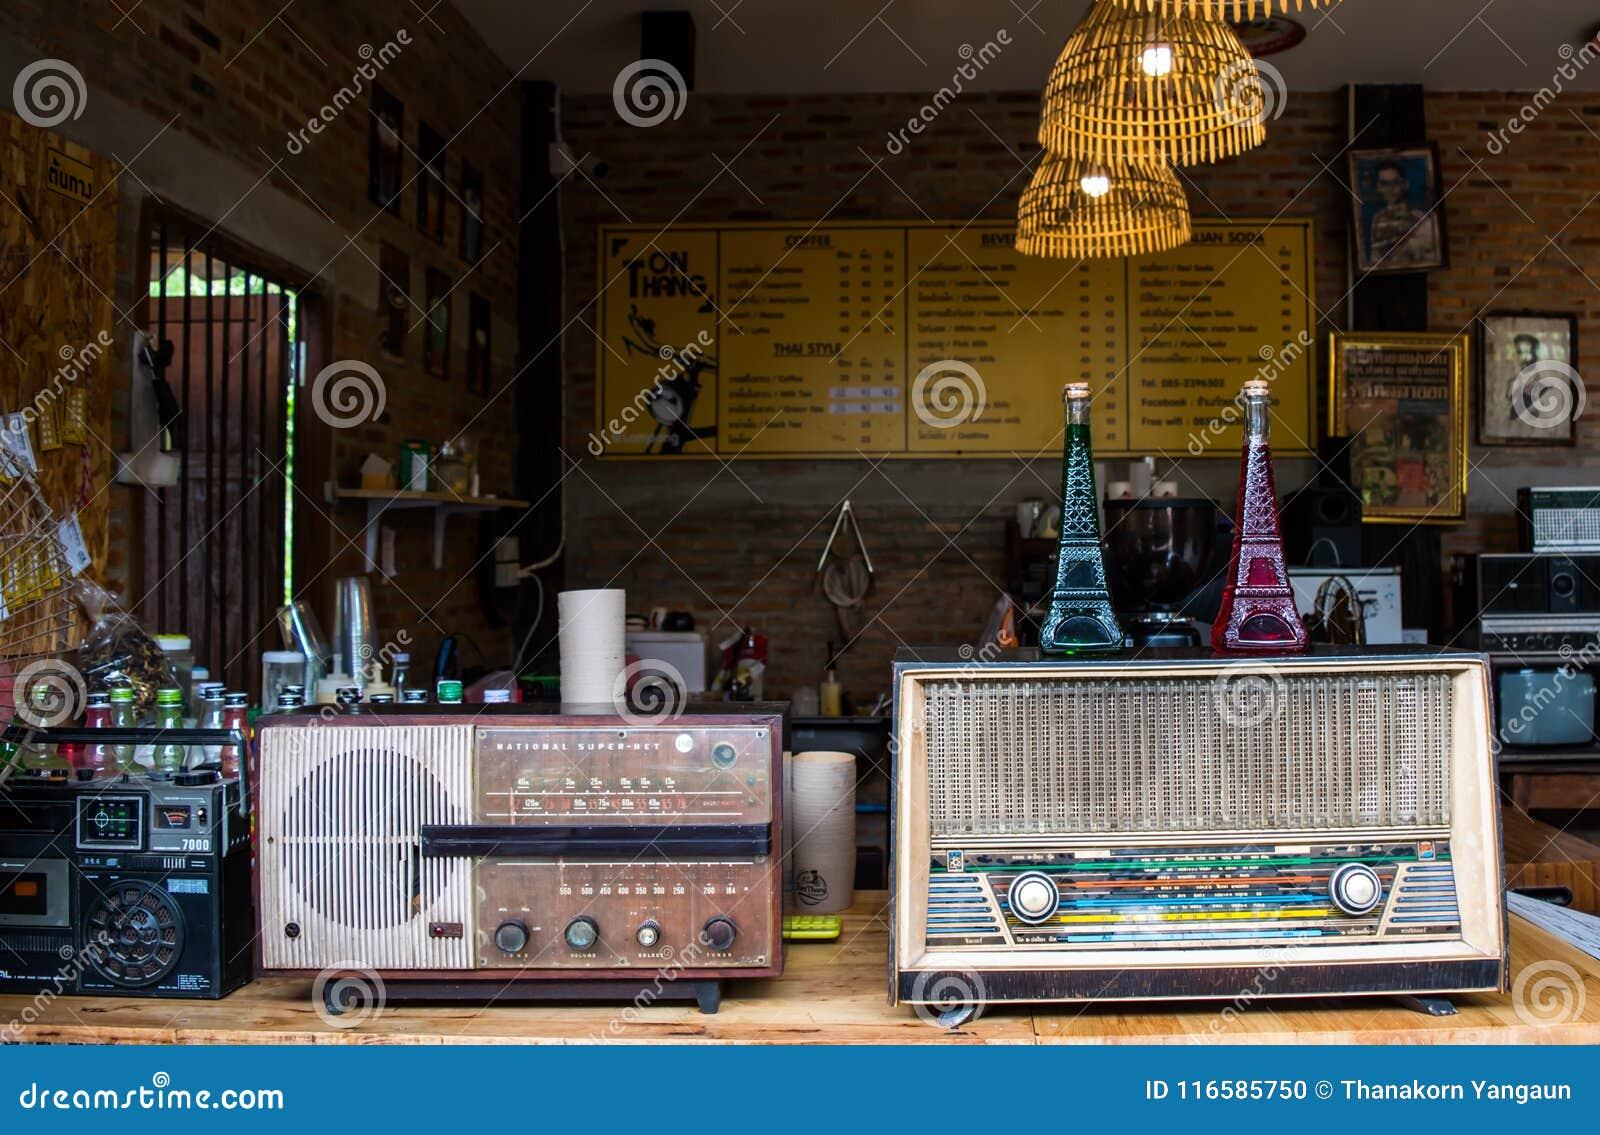 Lampang, Thailand -May 4,2018:classic decorations, old radios and beautiful accessories of coffee shop at Tontang cafe, Lampang.